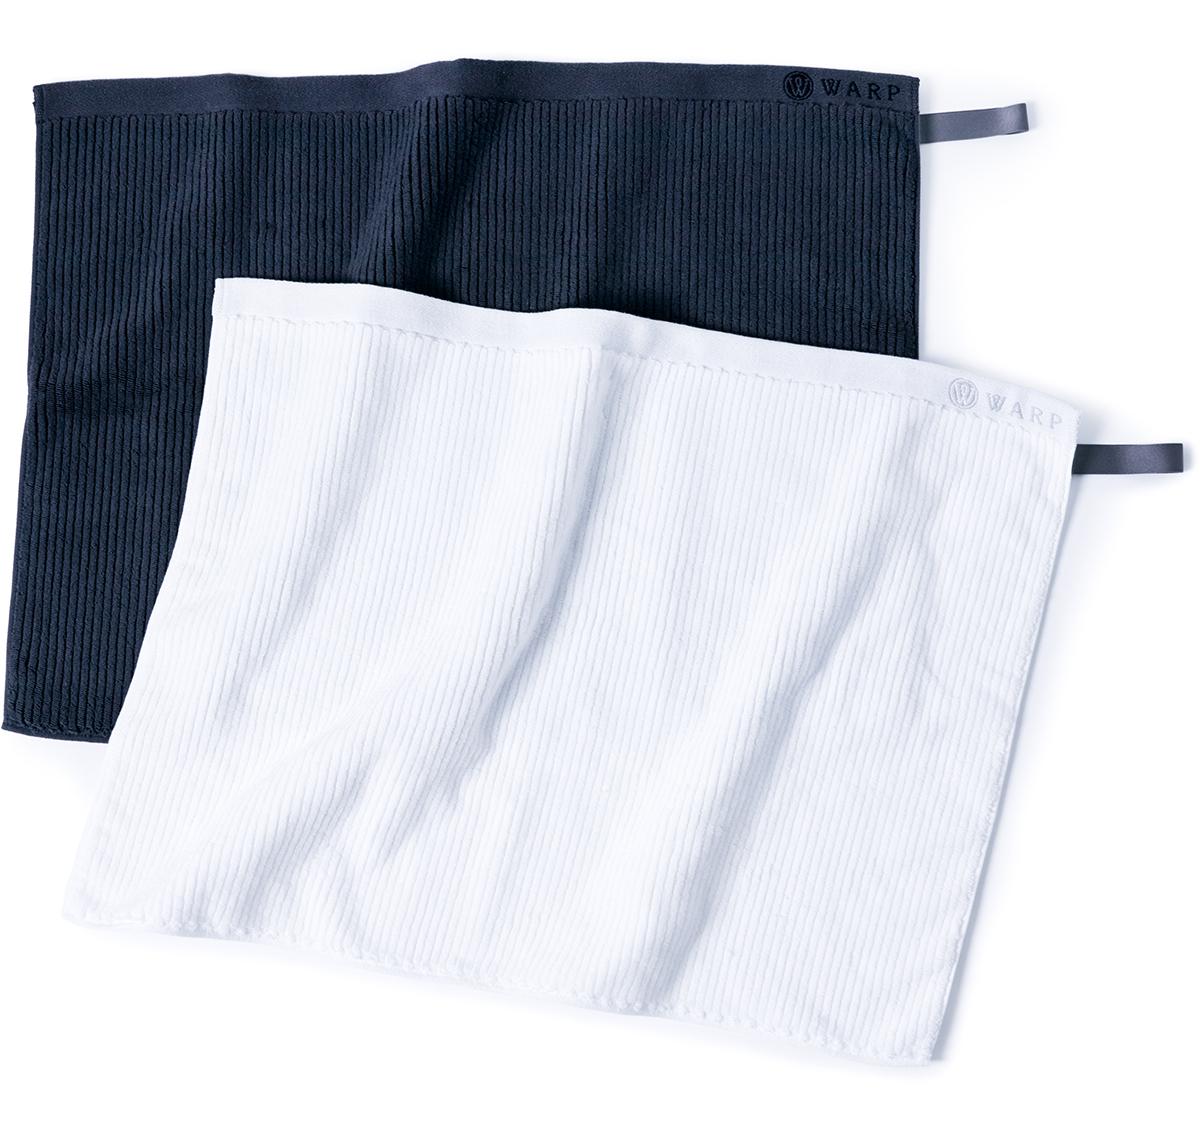 医師のアイデアと、タオルの老舗の技術から生まれた、いつも気持ちいい清潔タオル。酸化チタンと銀の作用で、生乾き臭・汗臭の菌を分解する「タオル」|WARP